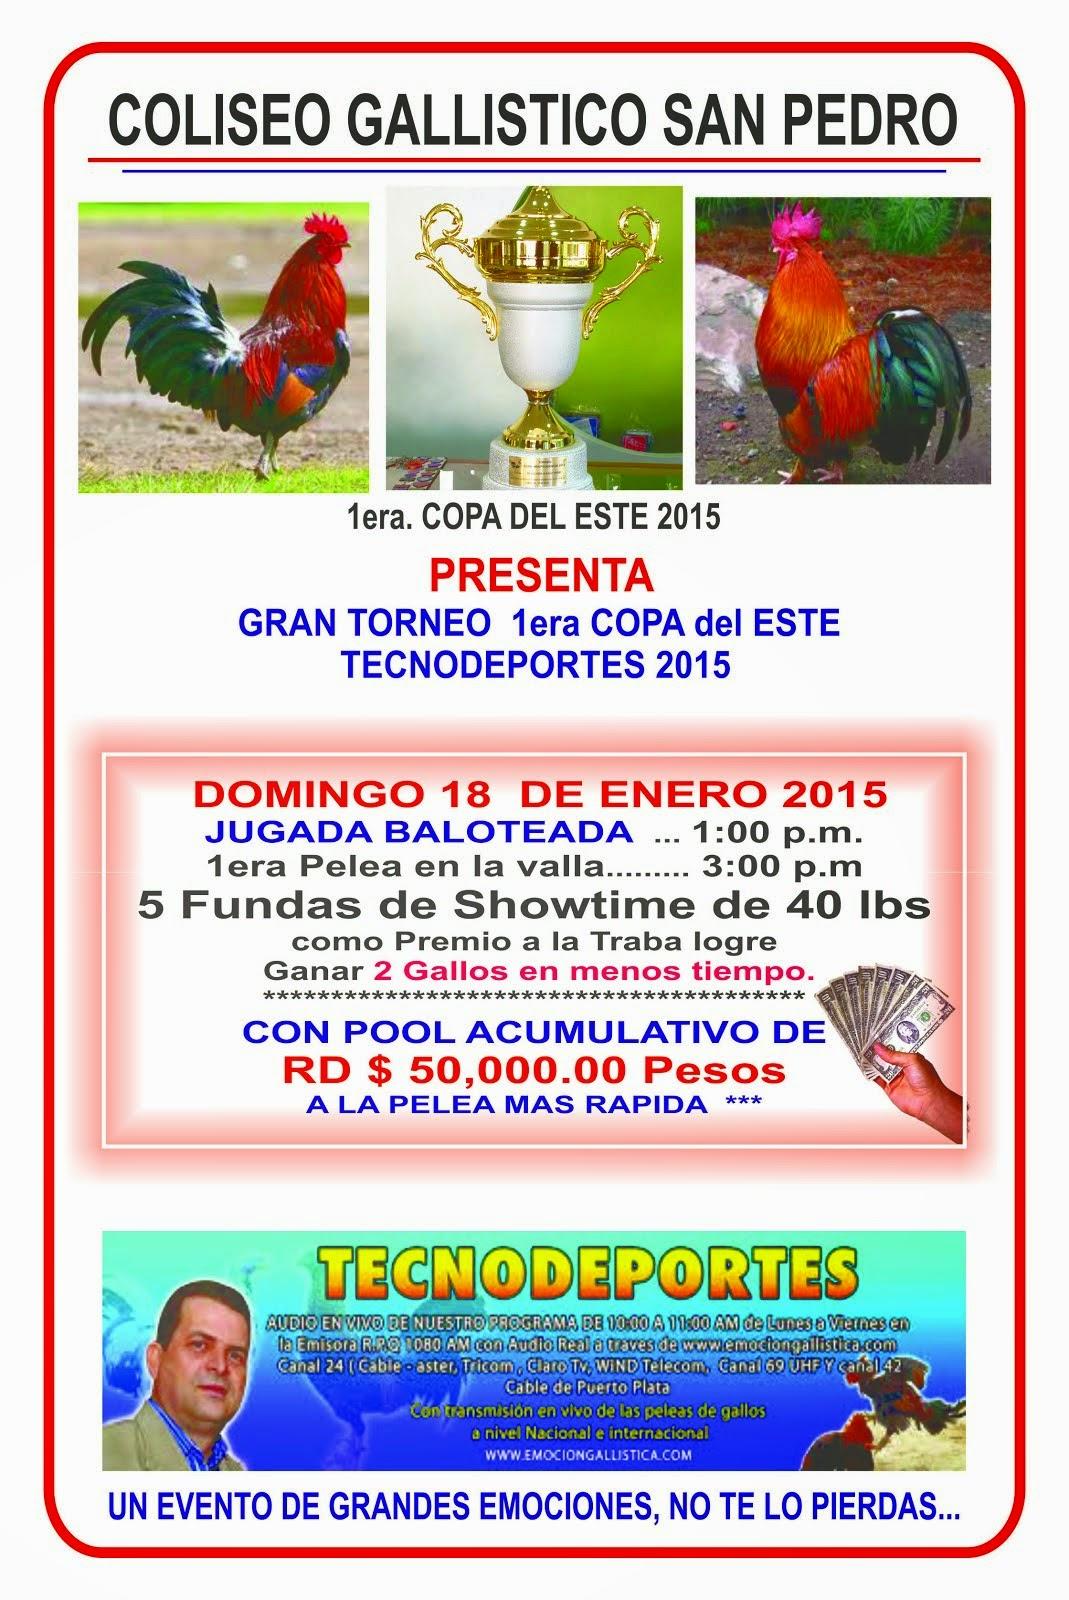 1ER TORNEO COPA DEL ESTE TECNODEPORTES 2015 PROXIMO DOMINGO 18 DE ENERO